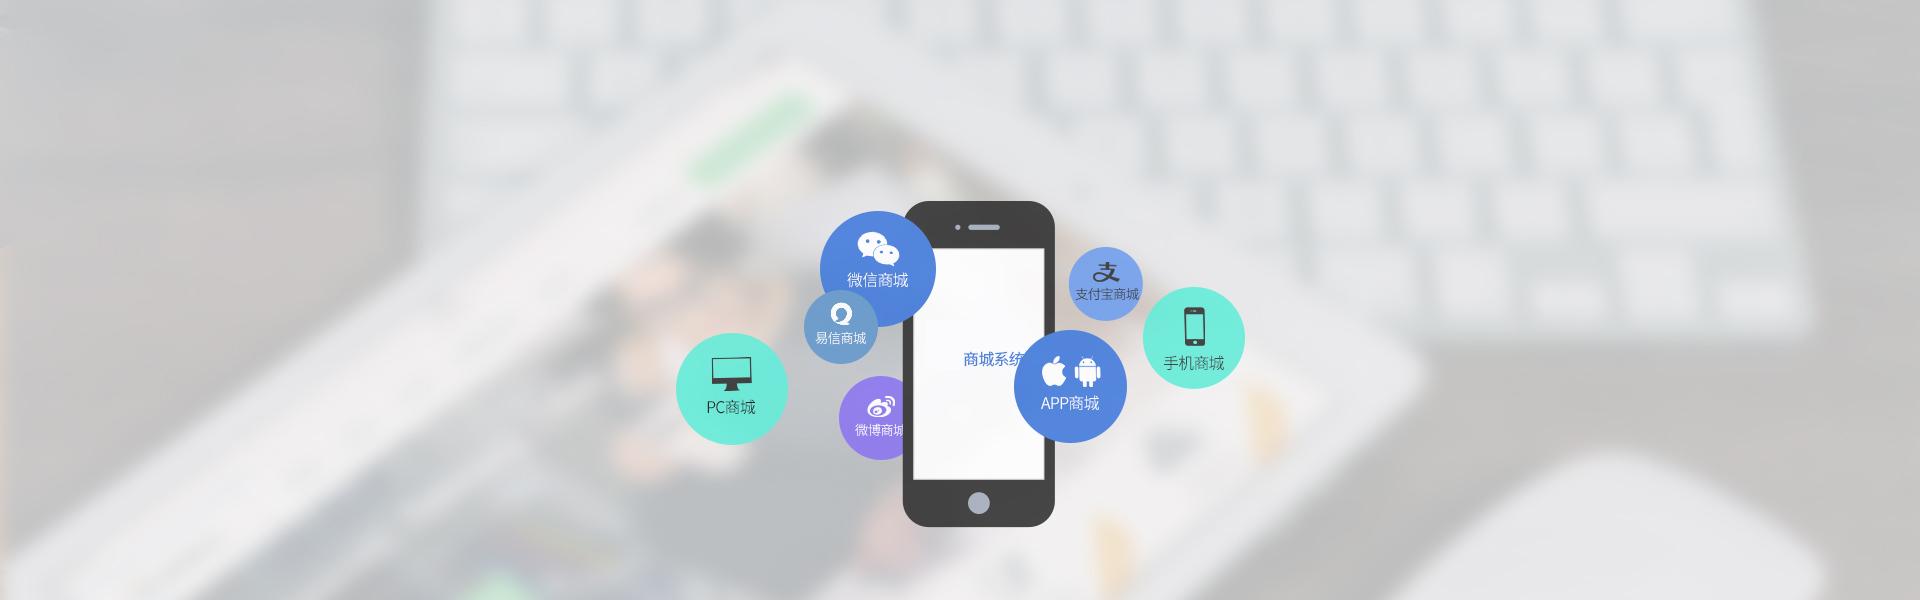 睿虎网站制作五网合一商城系统